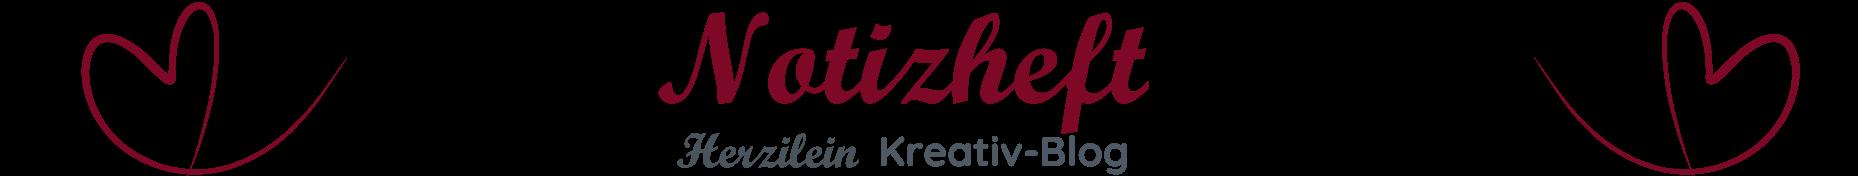 Herzilein Wien - Herzilein-Kreativ-Blog-Notizheft